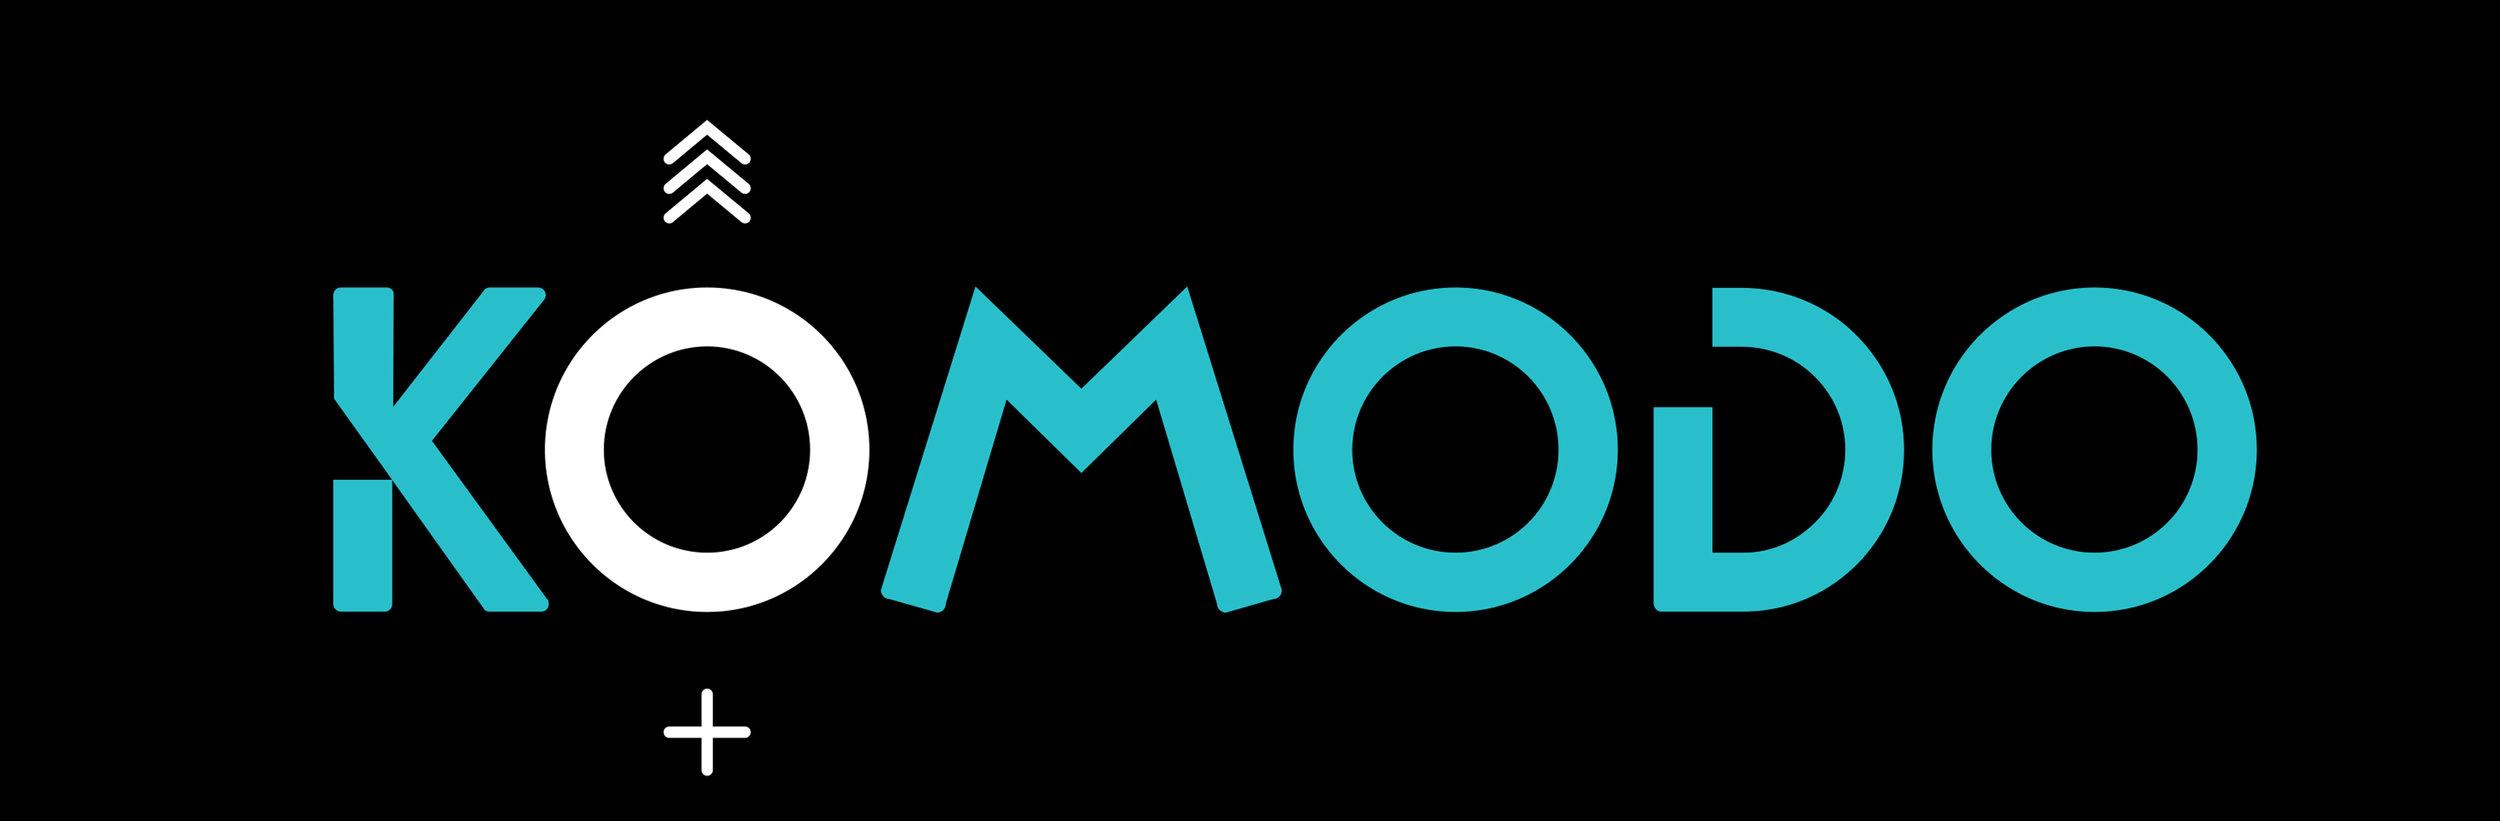 komodo_logo1.jpg